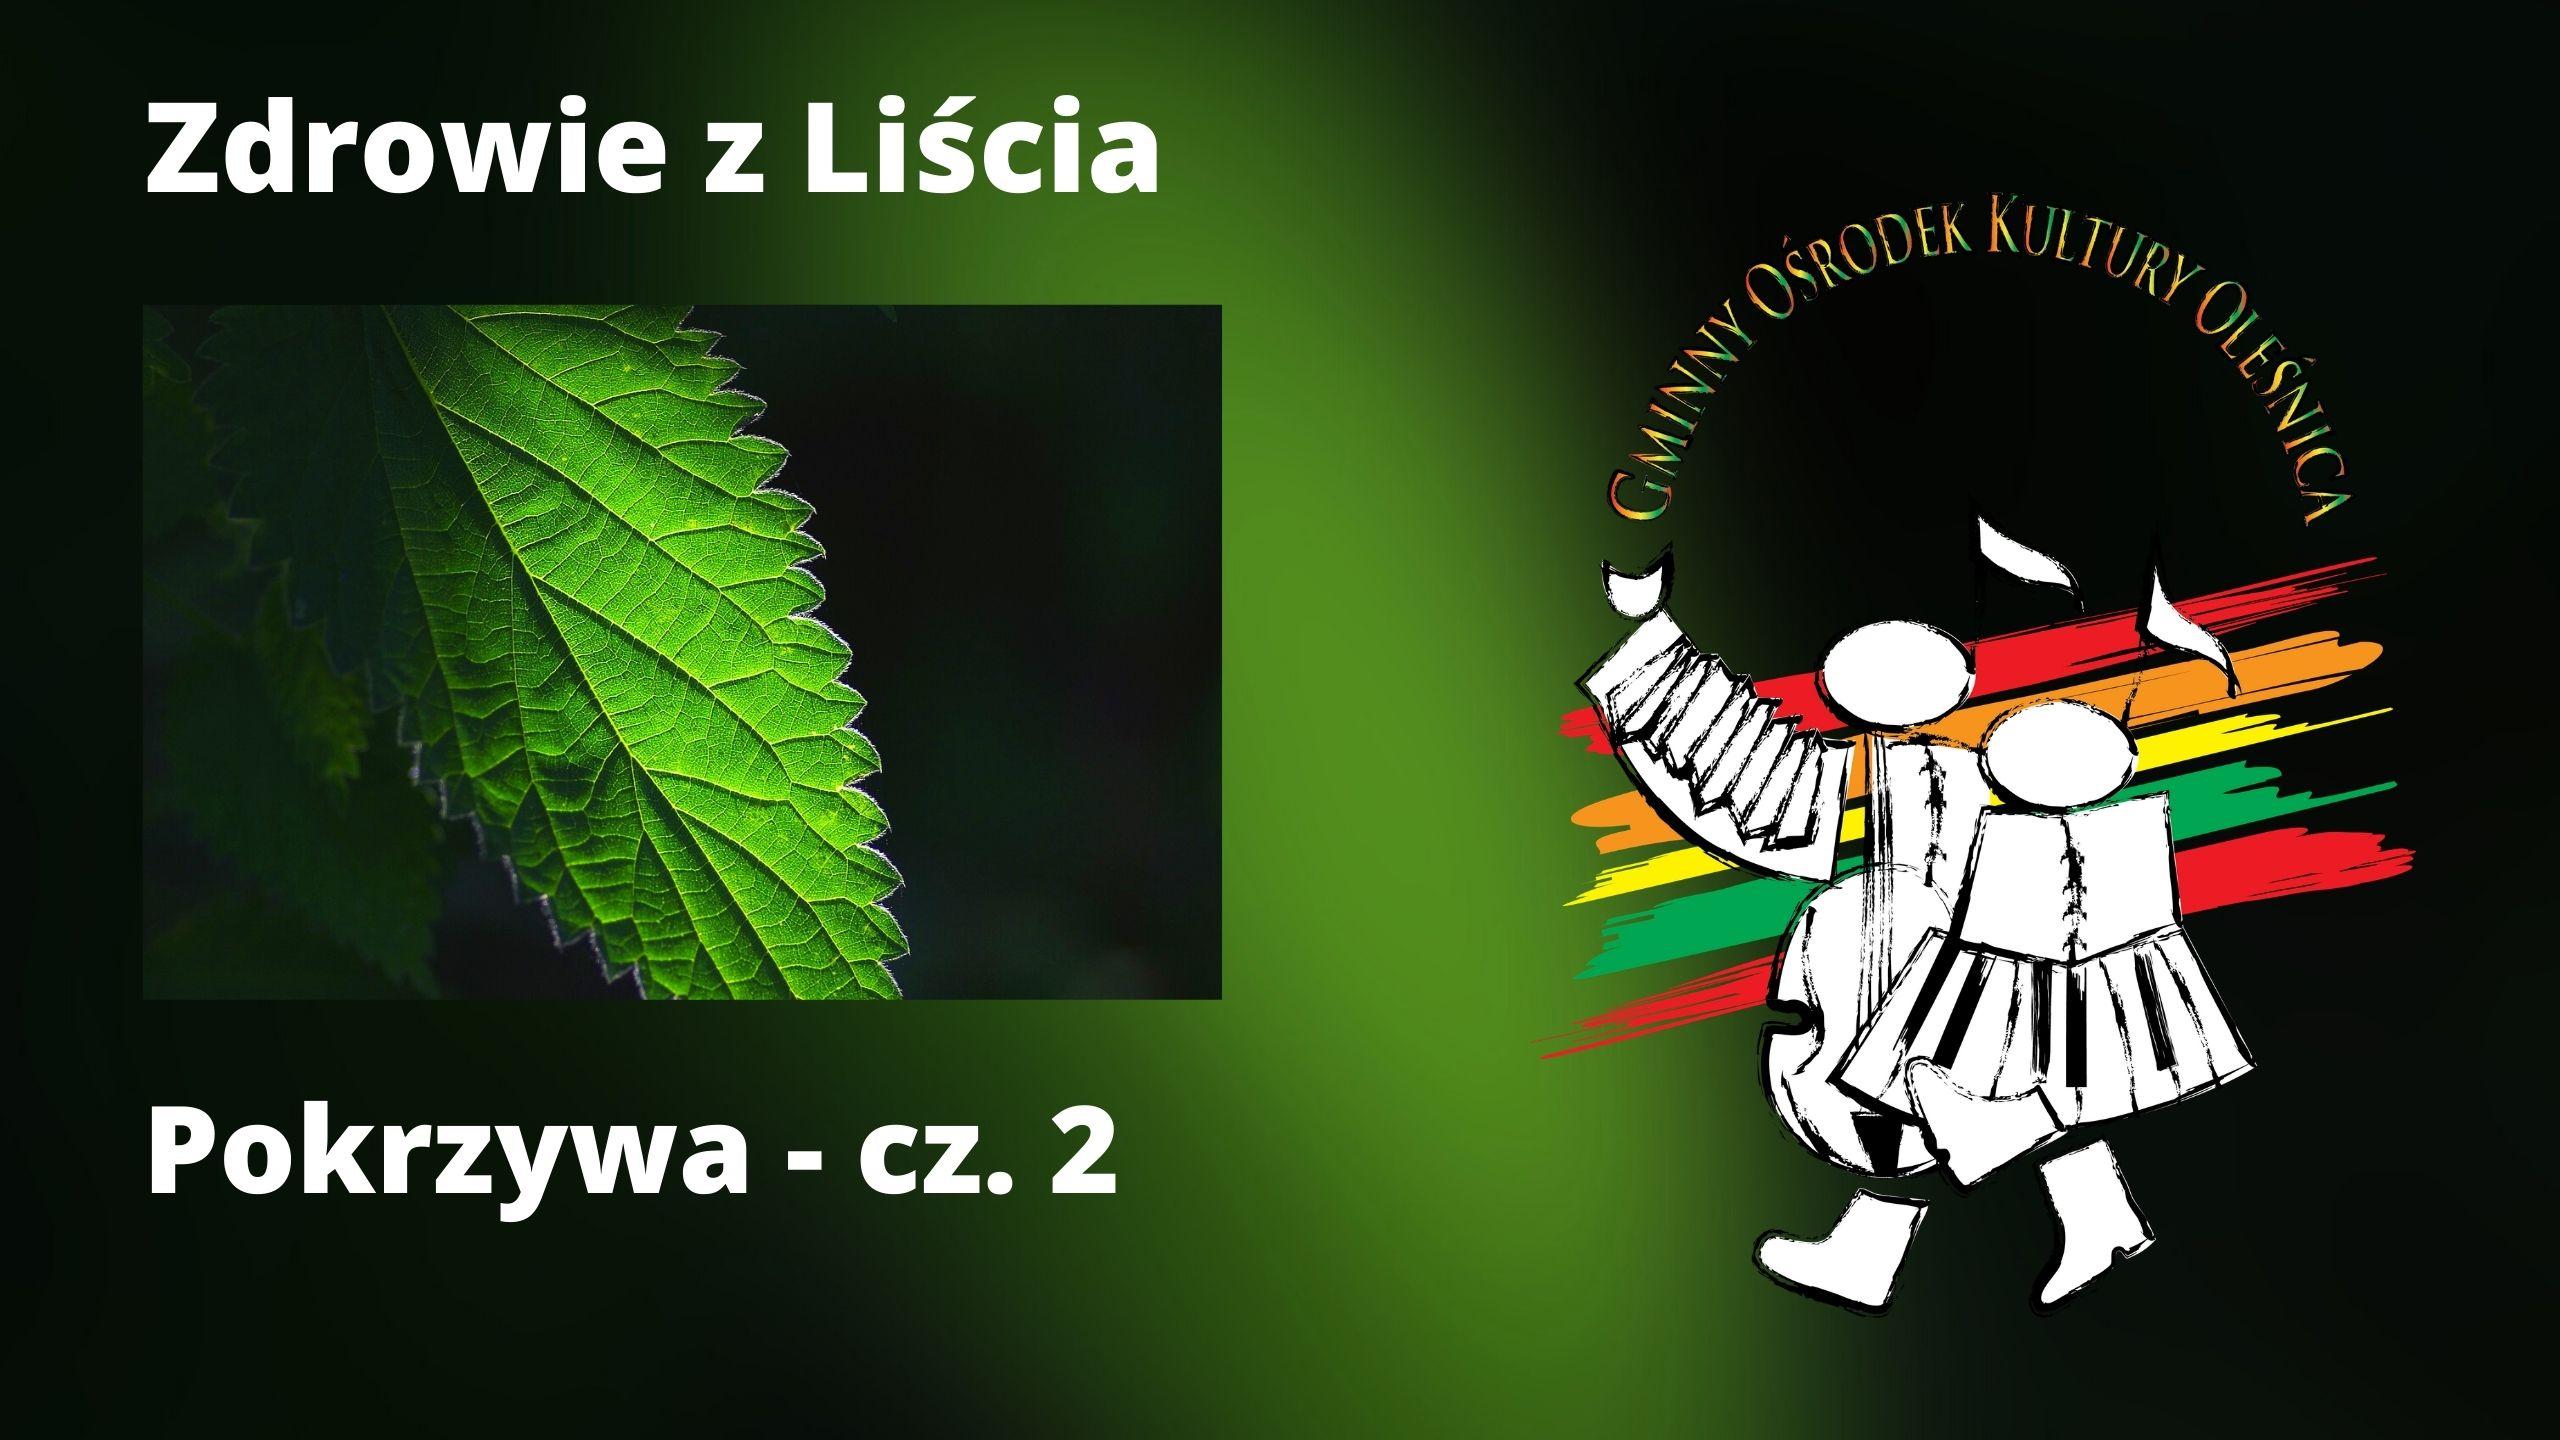 Zdrowie z Liścia - pokrzywa cz. 2